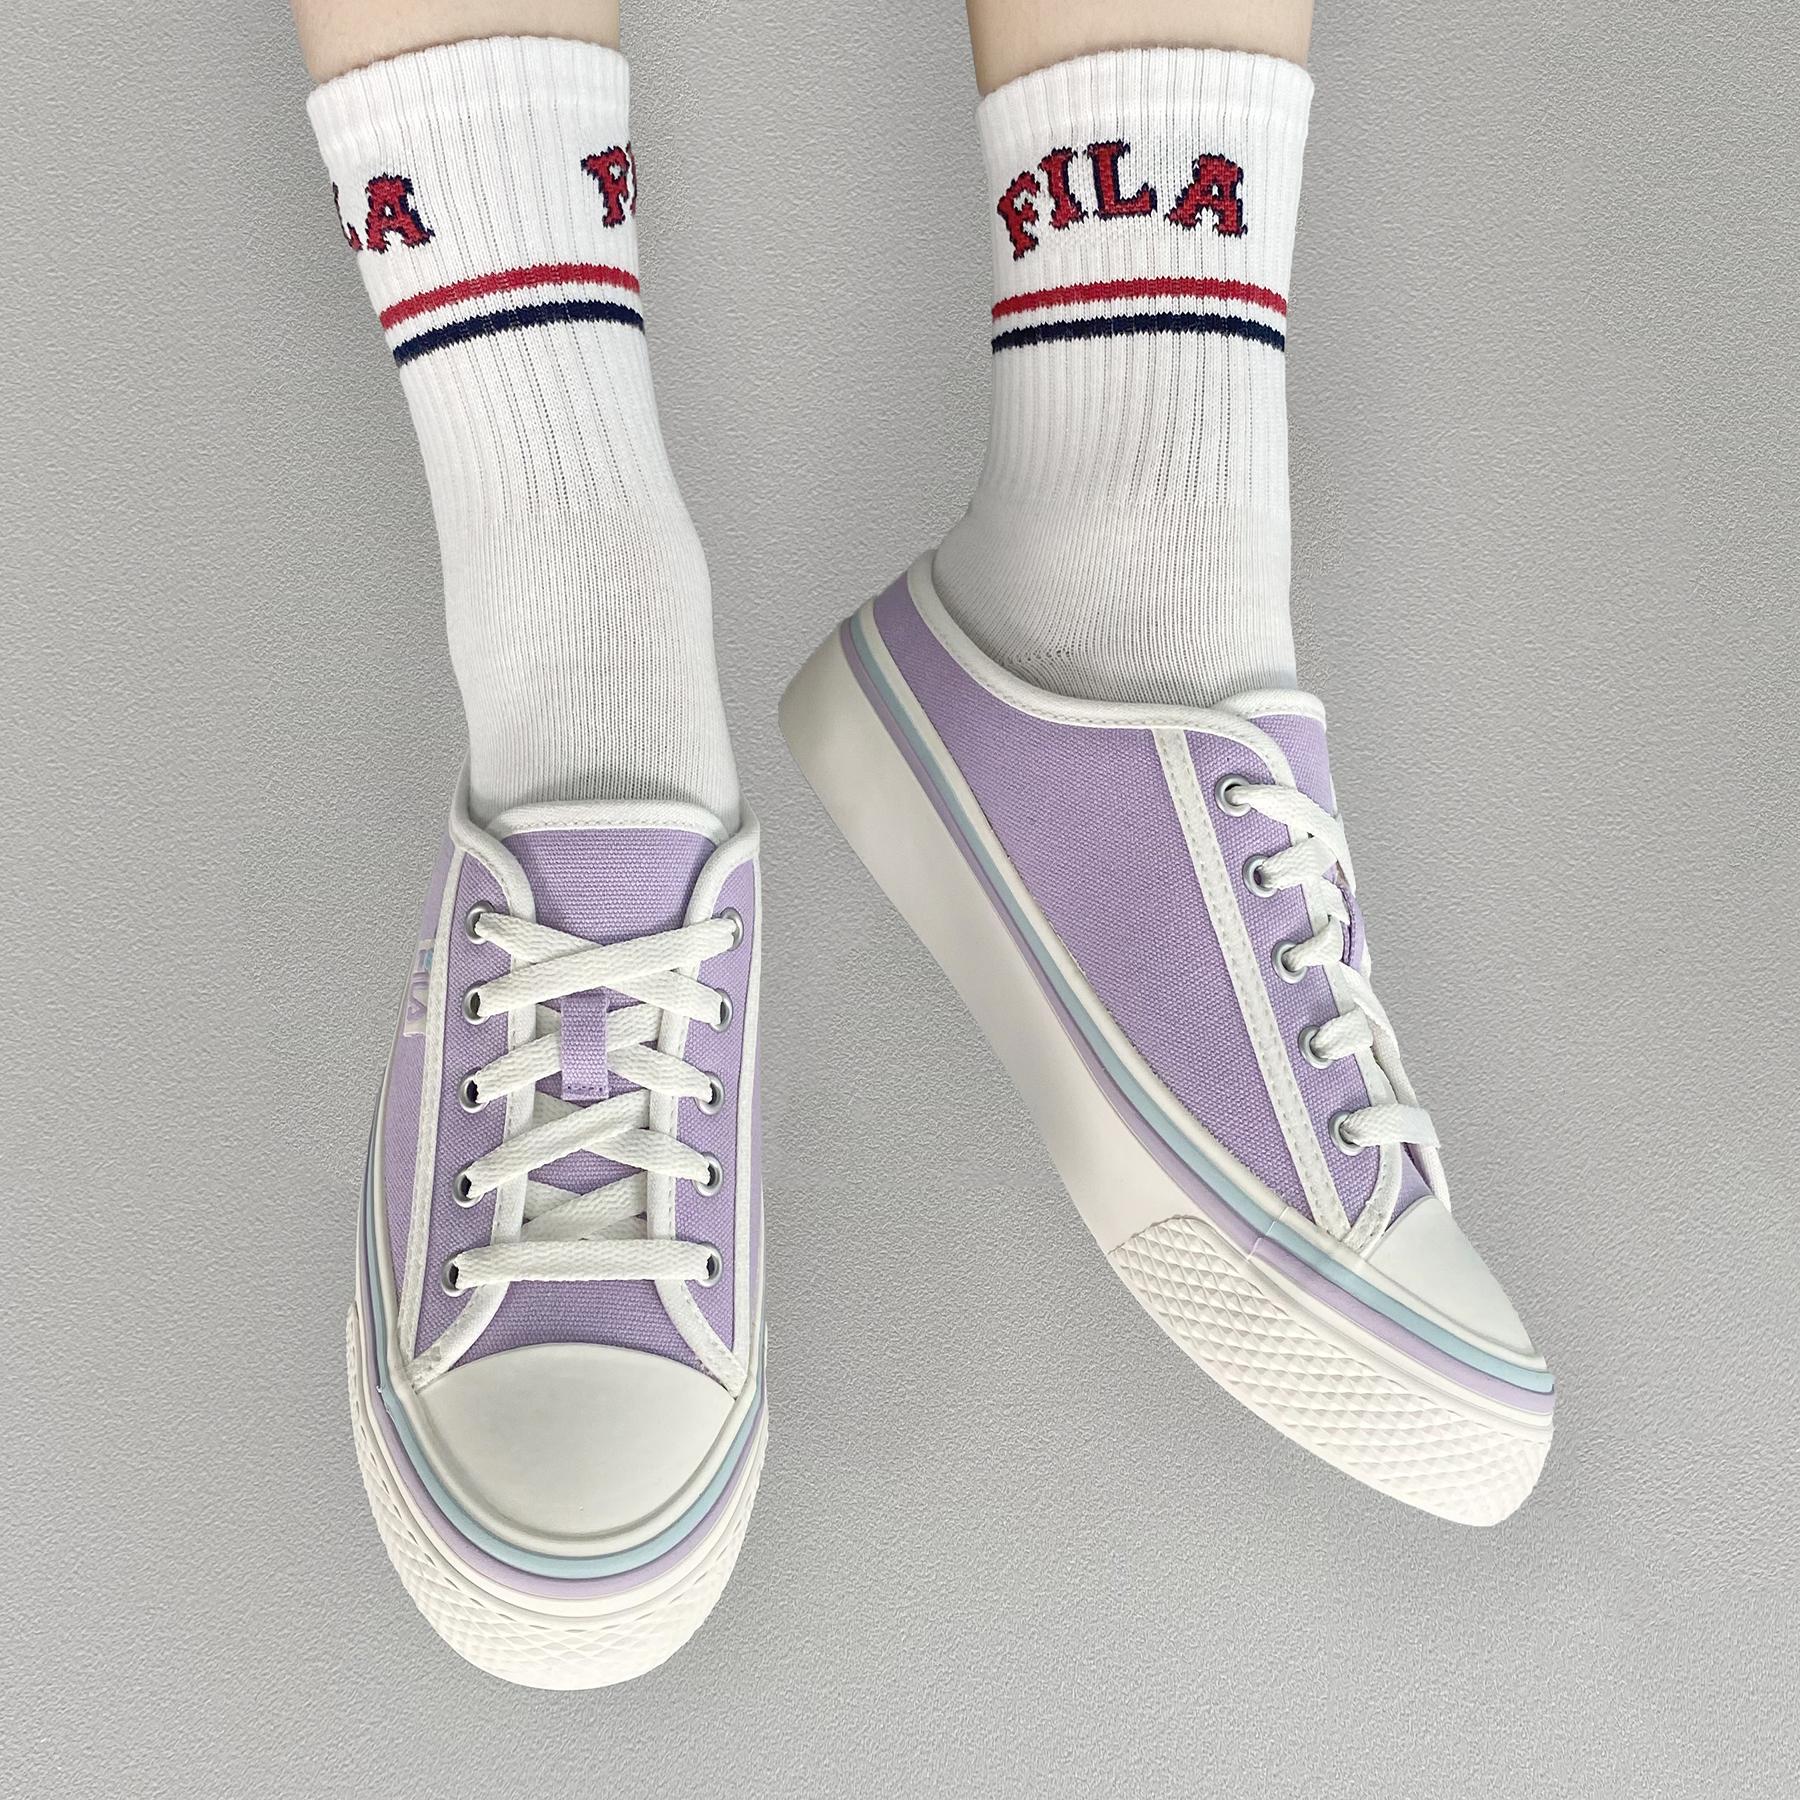 韓國FILA SCANLINE MULE 綁帶布鞋 (紫色)